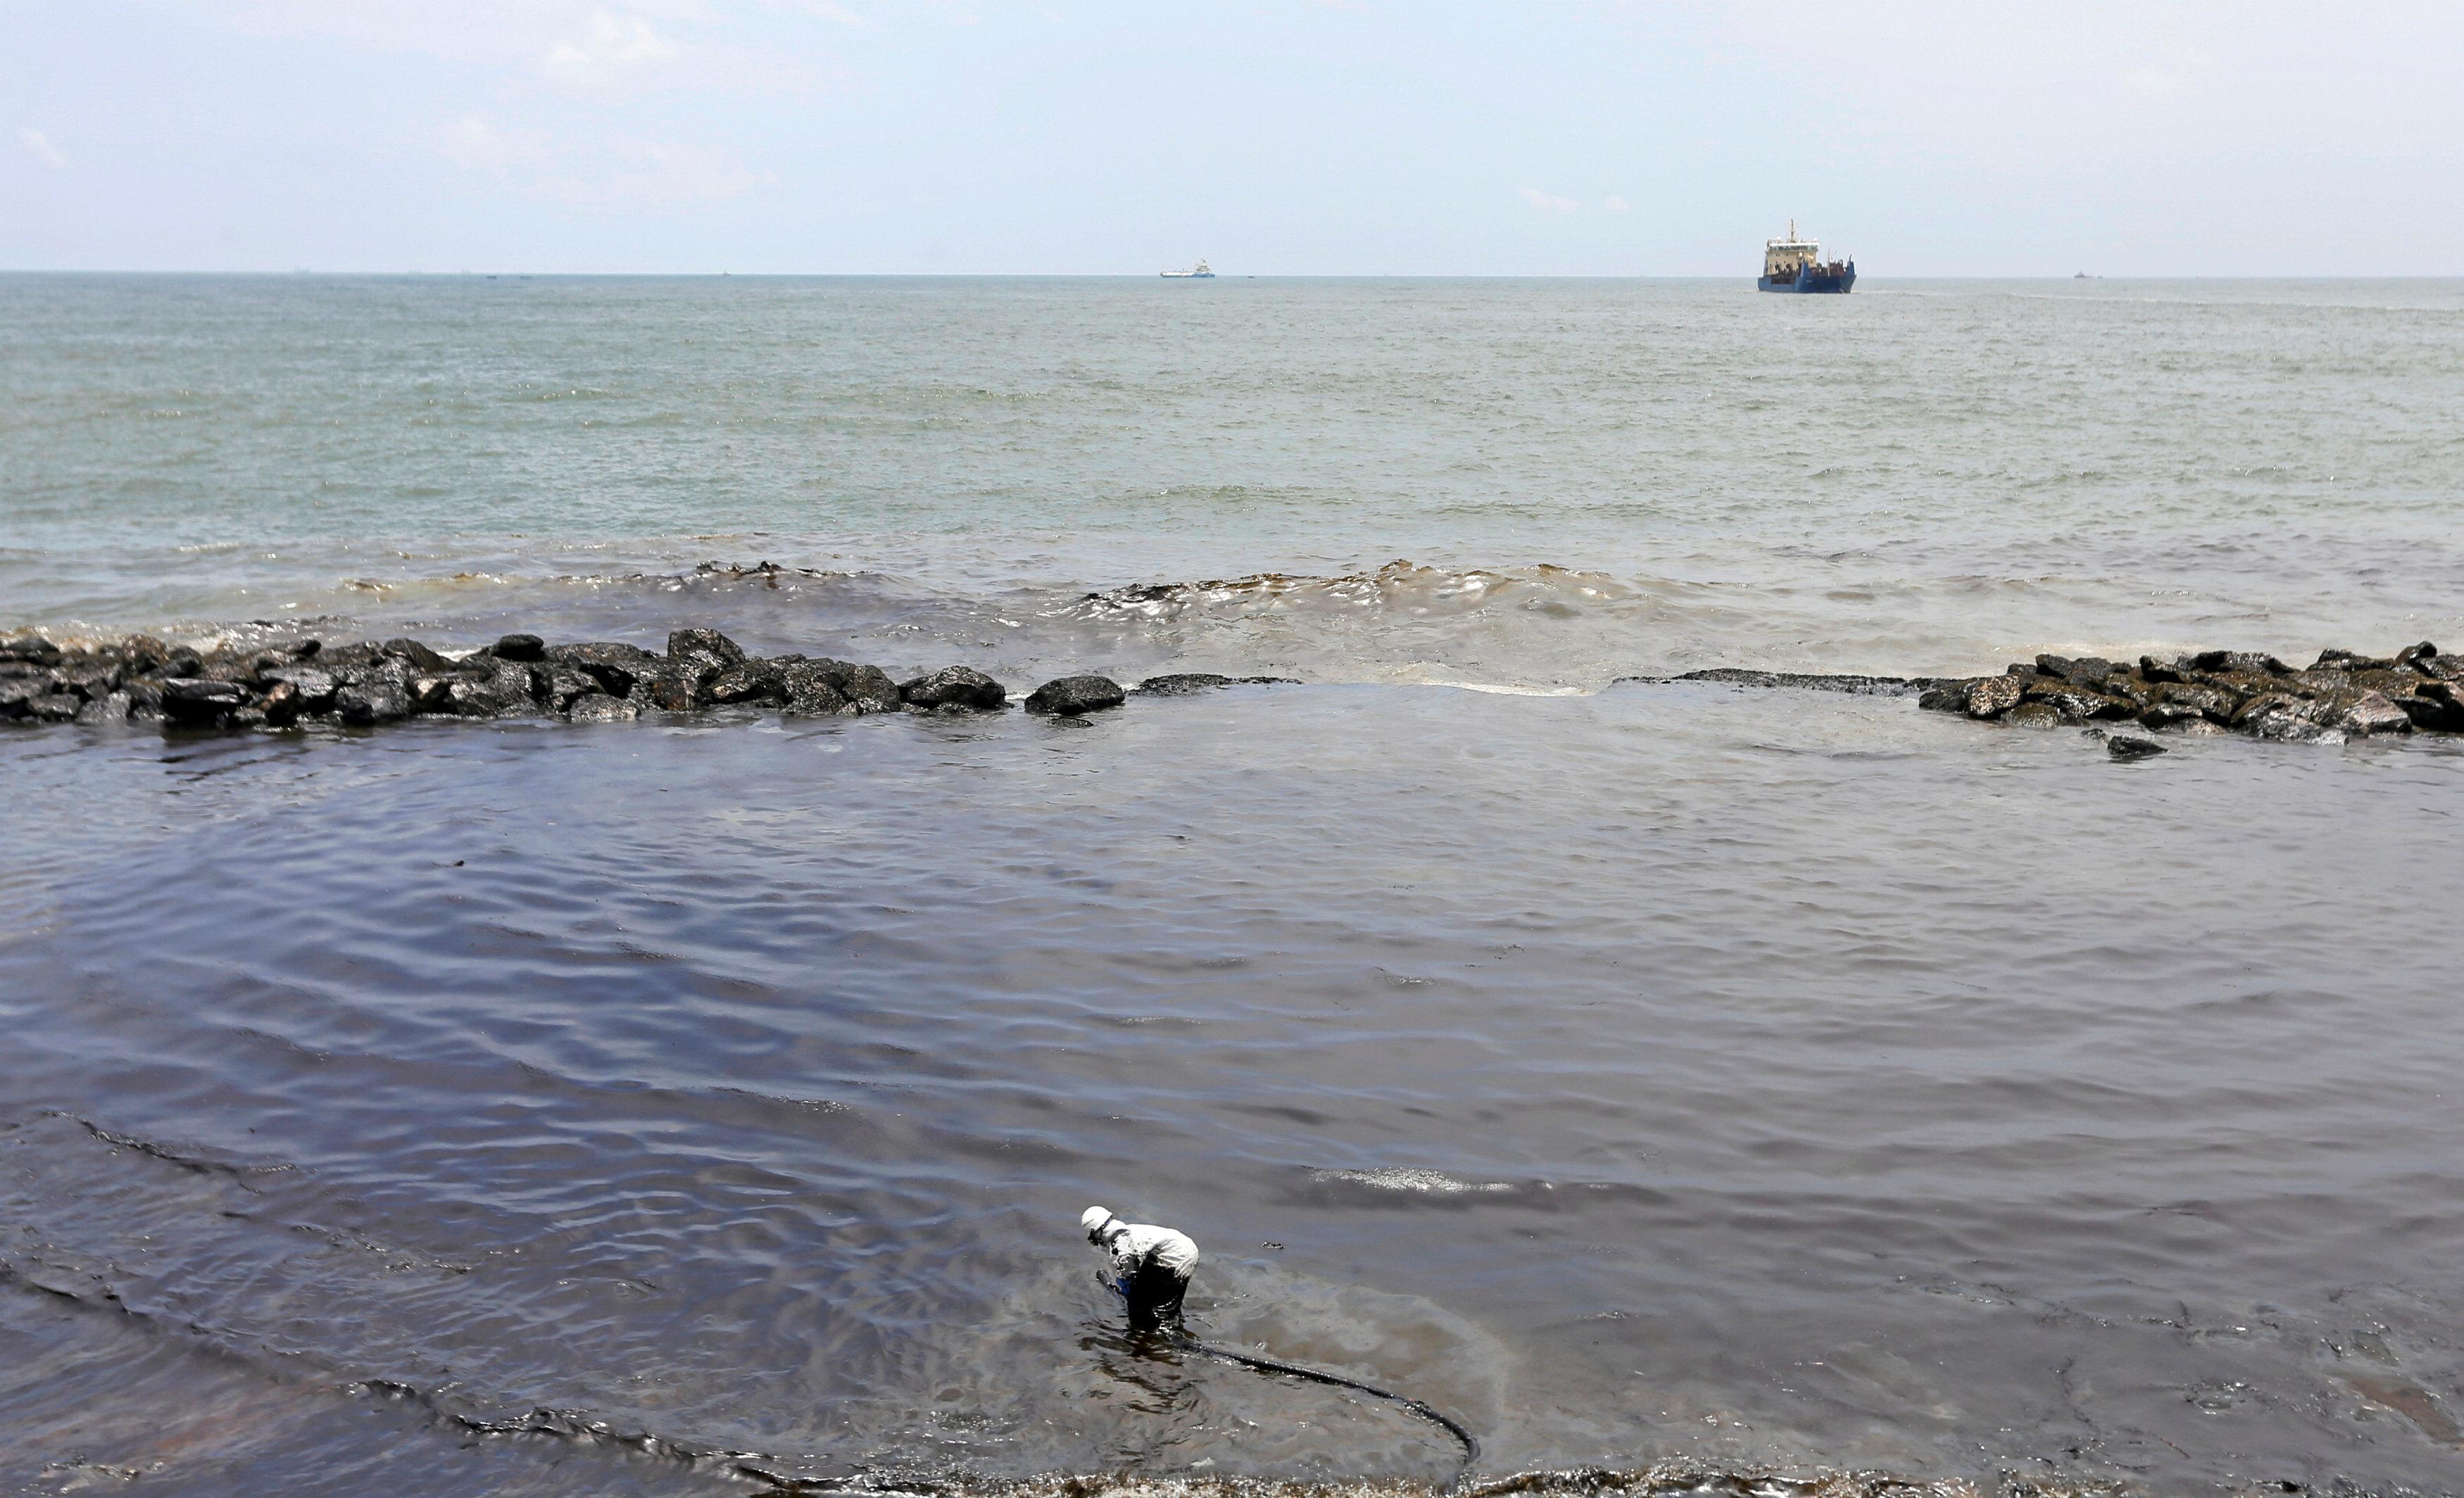 سواحل العاصمة السريلانكية تشهد تسرب نفطى